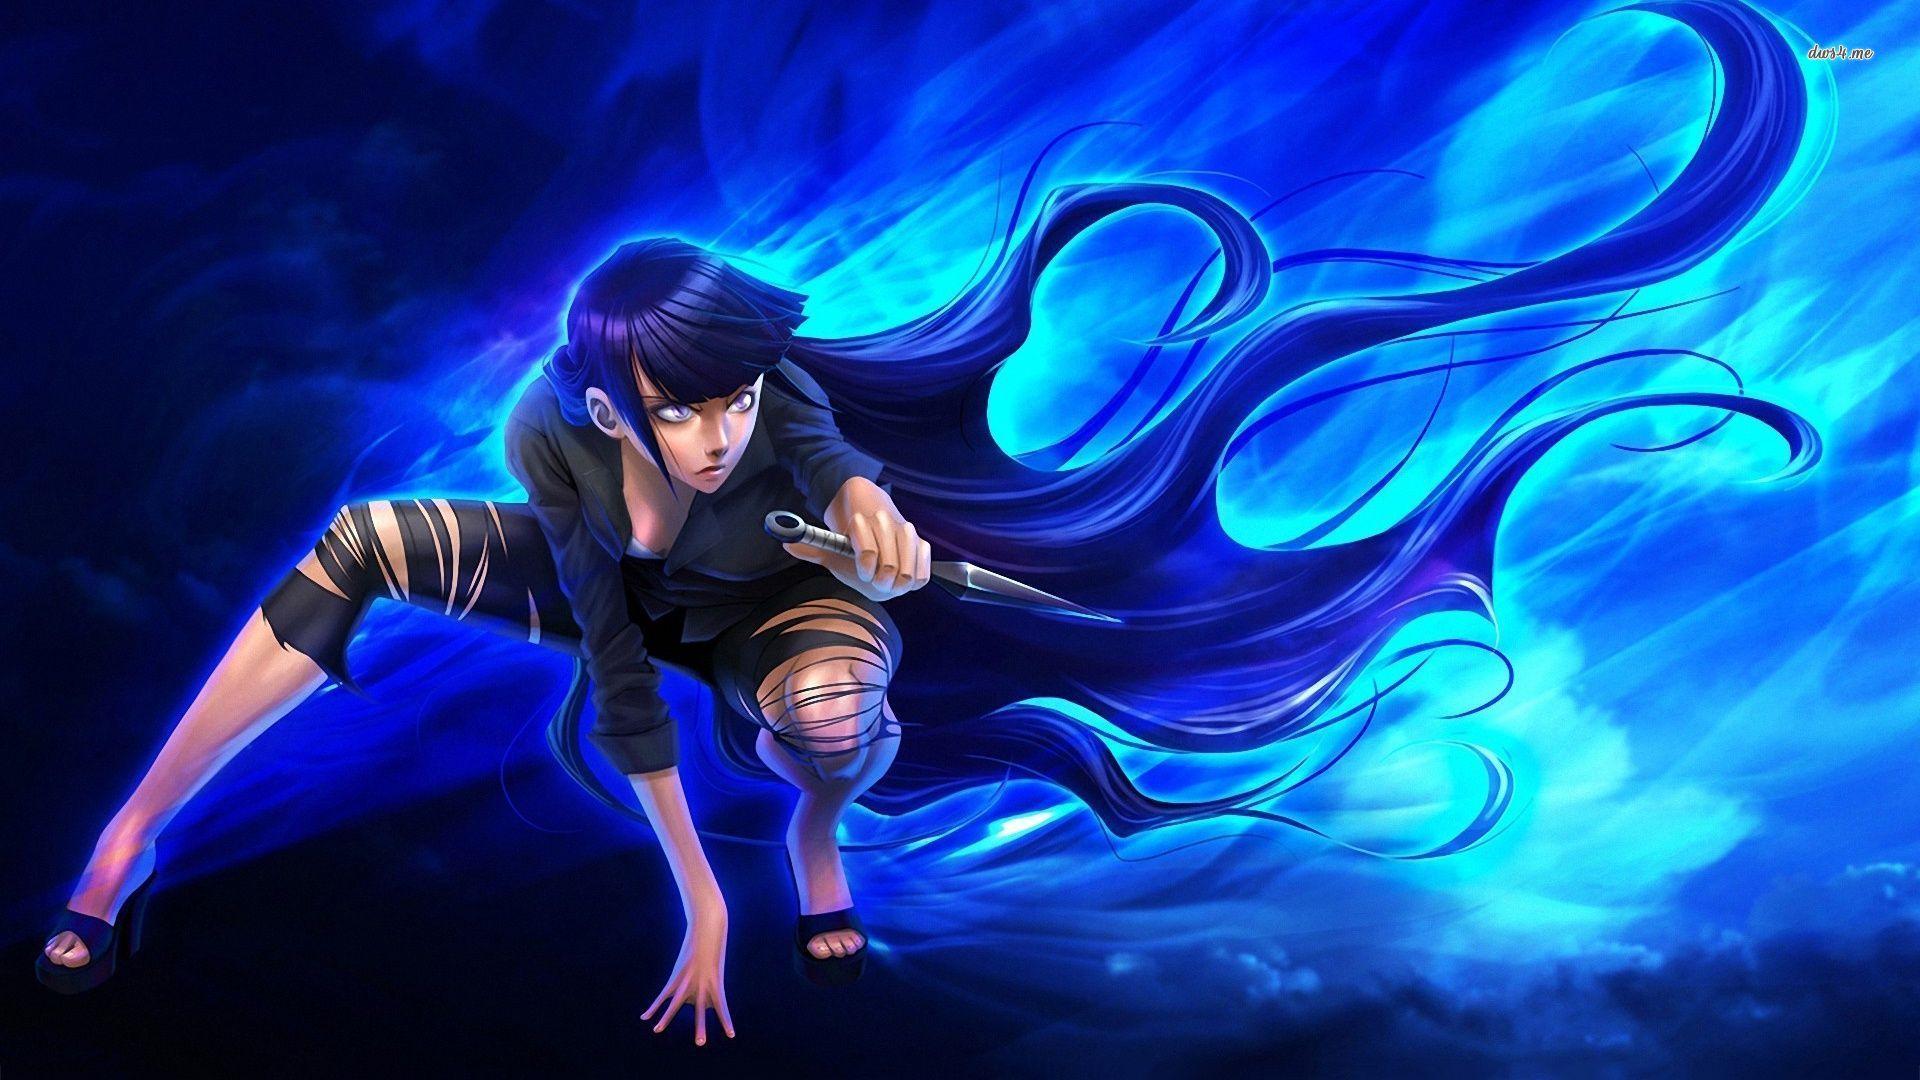 Hyuga   Naruto wallpaper 1280x800 Hinata Hyuga   Naruto wallpaper 1920x1080